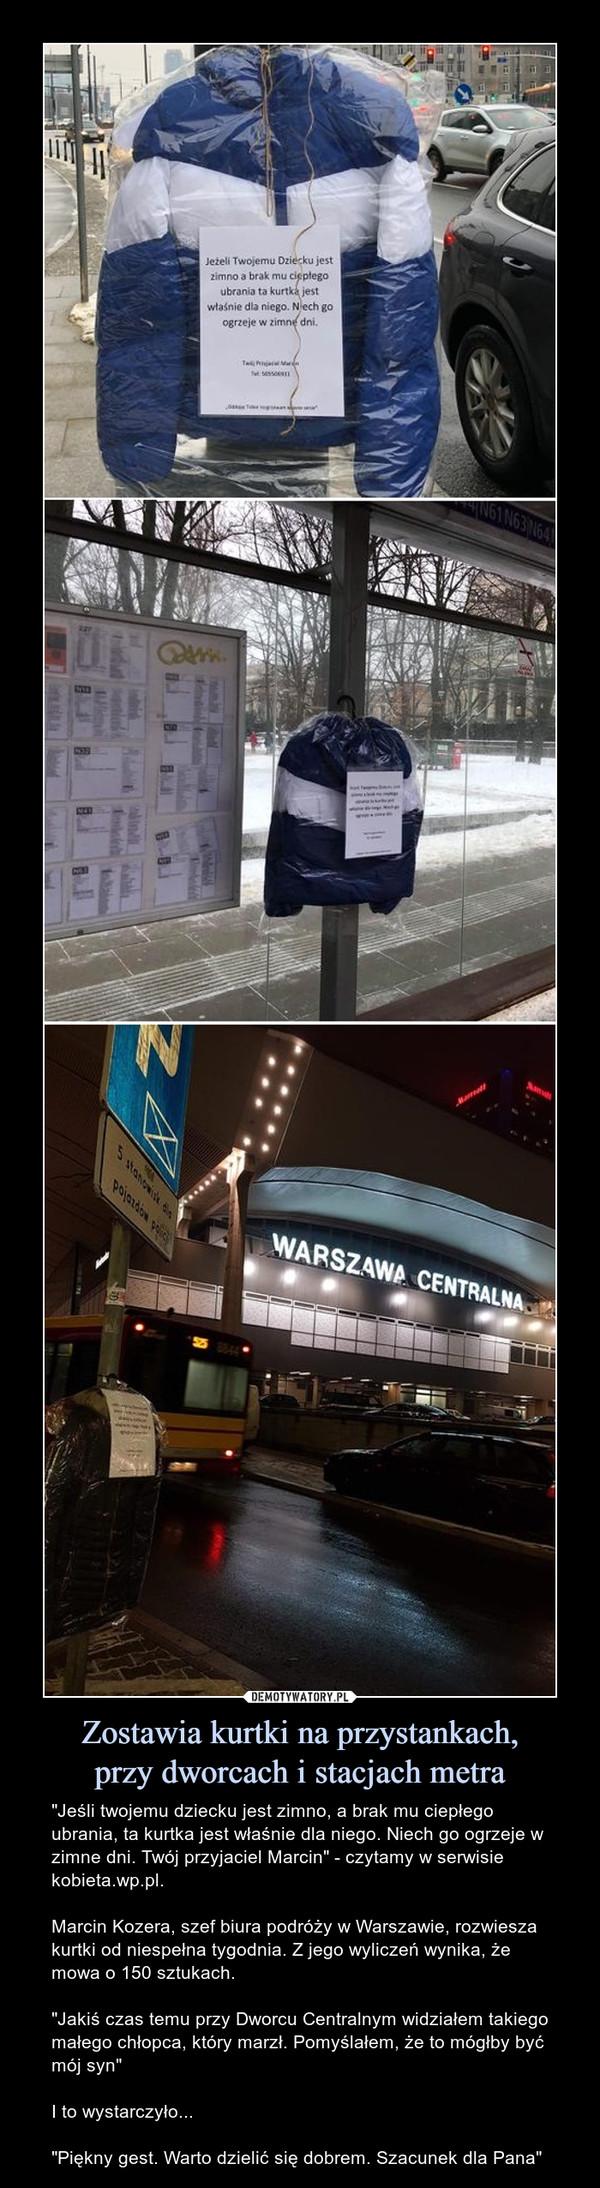 """Zostawia kurtki na przystankach,przy dworcach i stacjach metra – """"Jeśli twojemu dziecku jest zimno, a brak mu ciepłego ubrania, ta kurtka jest właśnie dla niego. Niech go ogrzeje w zimne dni. Twój przyjaciel Marcin"""" - czytamy w serwisie kobieta.wp.pl. Marcin Kozera, szef biura podróży w Warszawie, rozwiesza kurtki od niespełna tygodnia. Z jego wyliczeń wynika, że mowa o 150 sztukach.""""Jakiś czas temu przy Dworcu Centralnym widziałem takiego małego chłopca, który marzł. Pomyślałem, że to mógłby być mój syn""""I to wystarczyło...""""Piękny gest. Warto dzielić się dobrem. Szacunek dla Pana"""" Jeżeli Twojemu dziecku jest zimno a brak mu ciepłego ubrania ta kurtka jest właśnie dla niego. Niech go ogrzeje w zimne dni"""